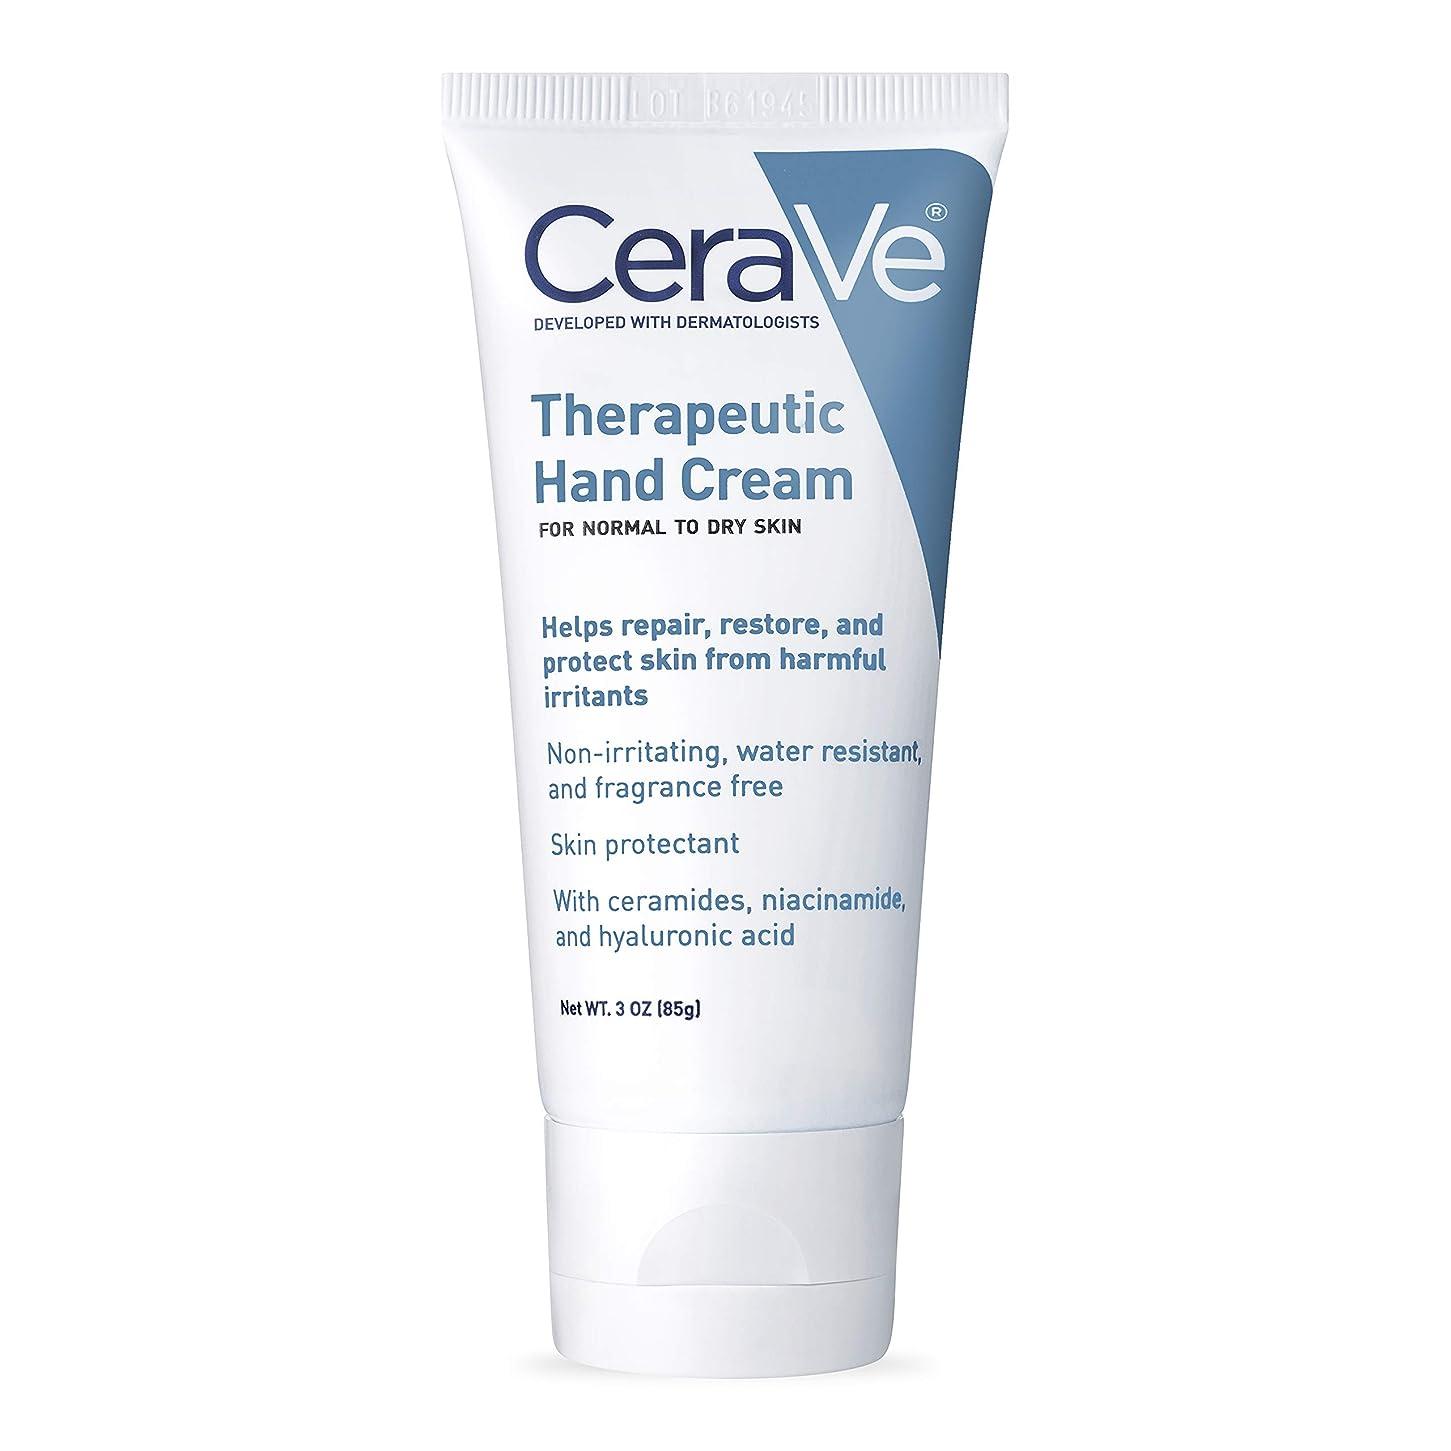 アプトブランド名アナロジー海外直送品Cerave CeraVe Therapeutic Hand Cream For Normal to Dry Skin, 3 oz